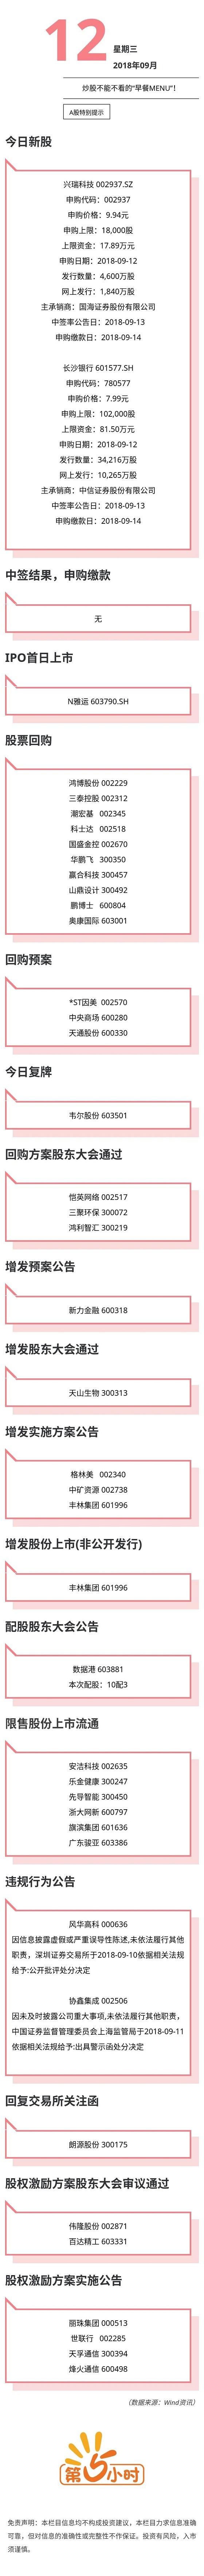 A股特别提示(2018-09-12).jpg